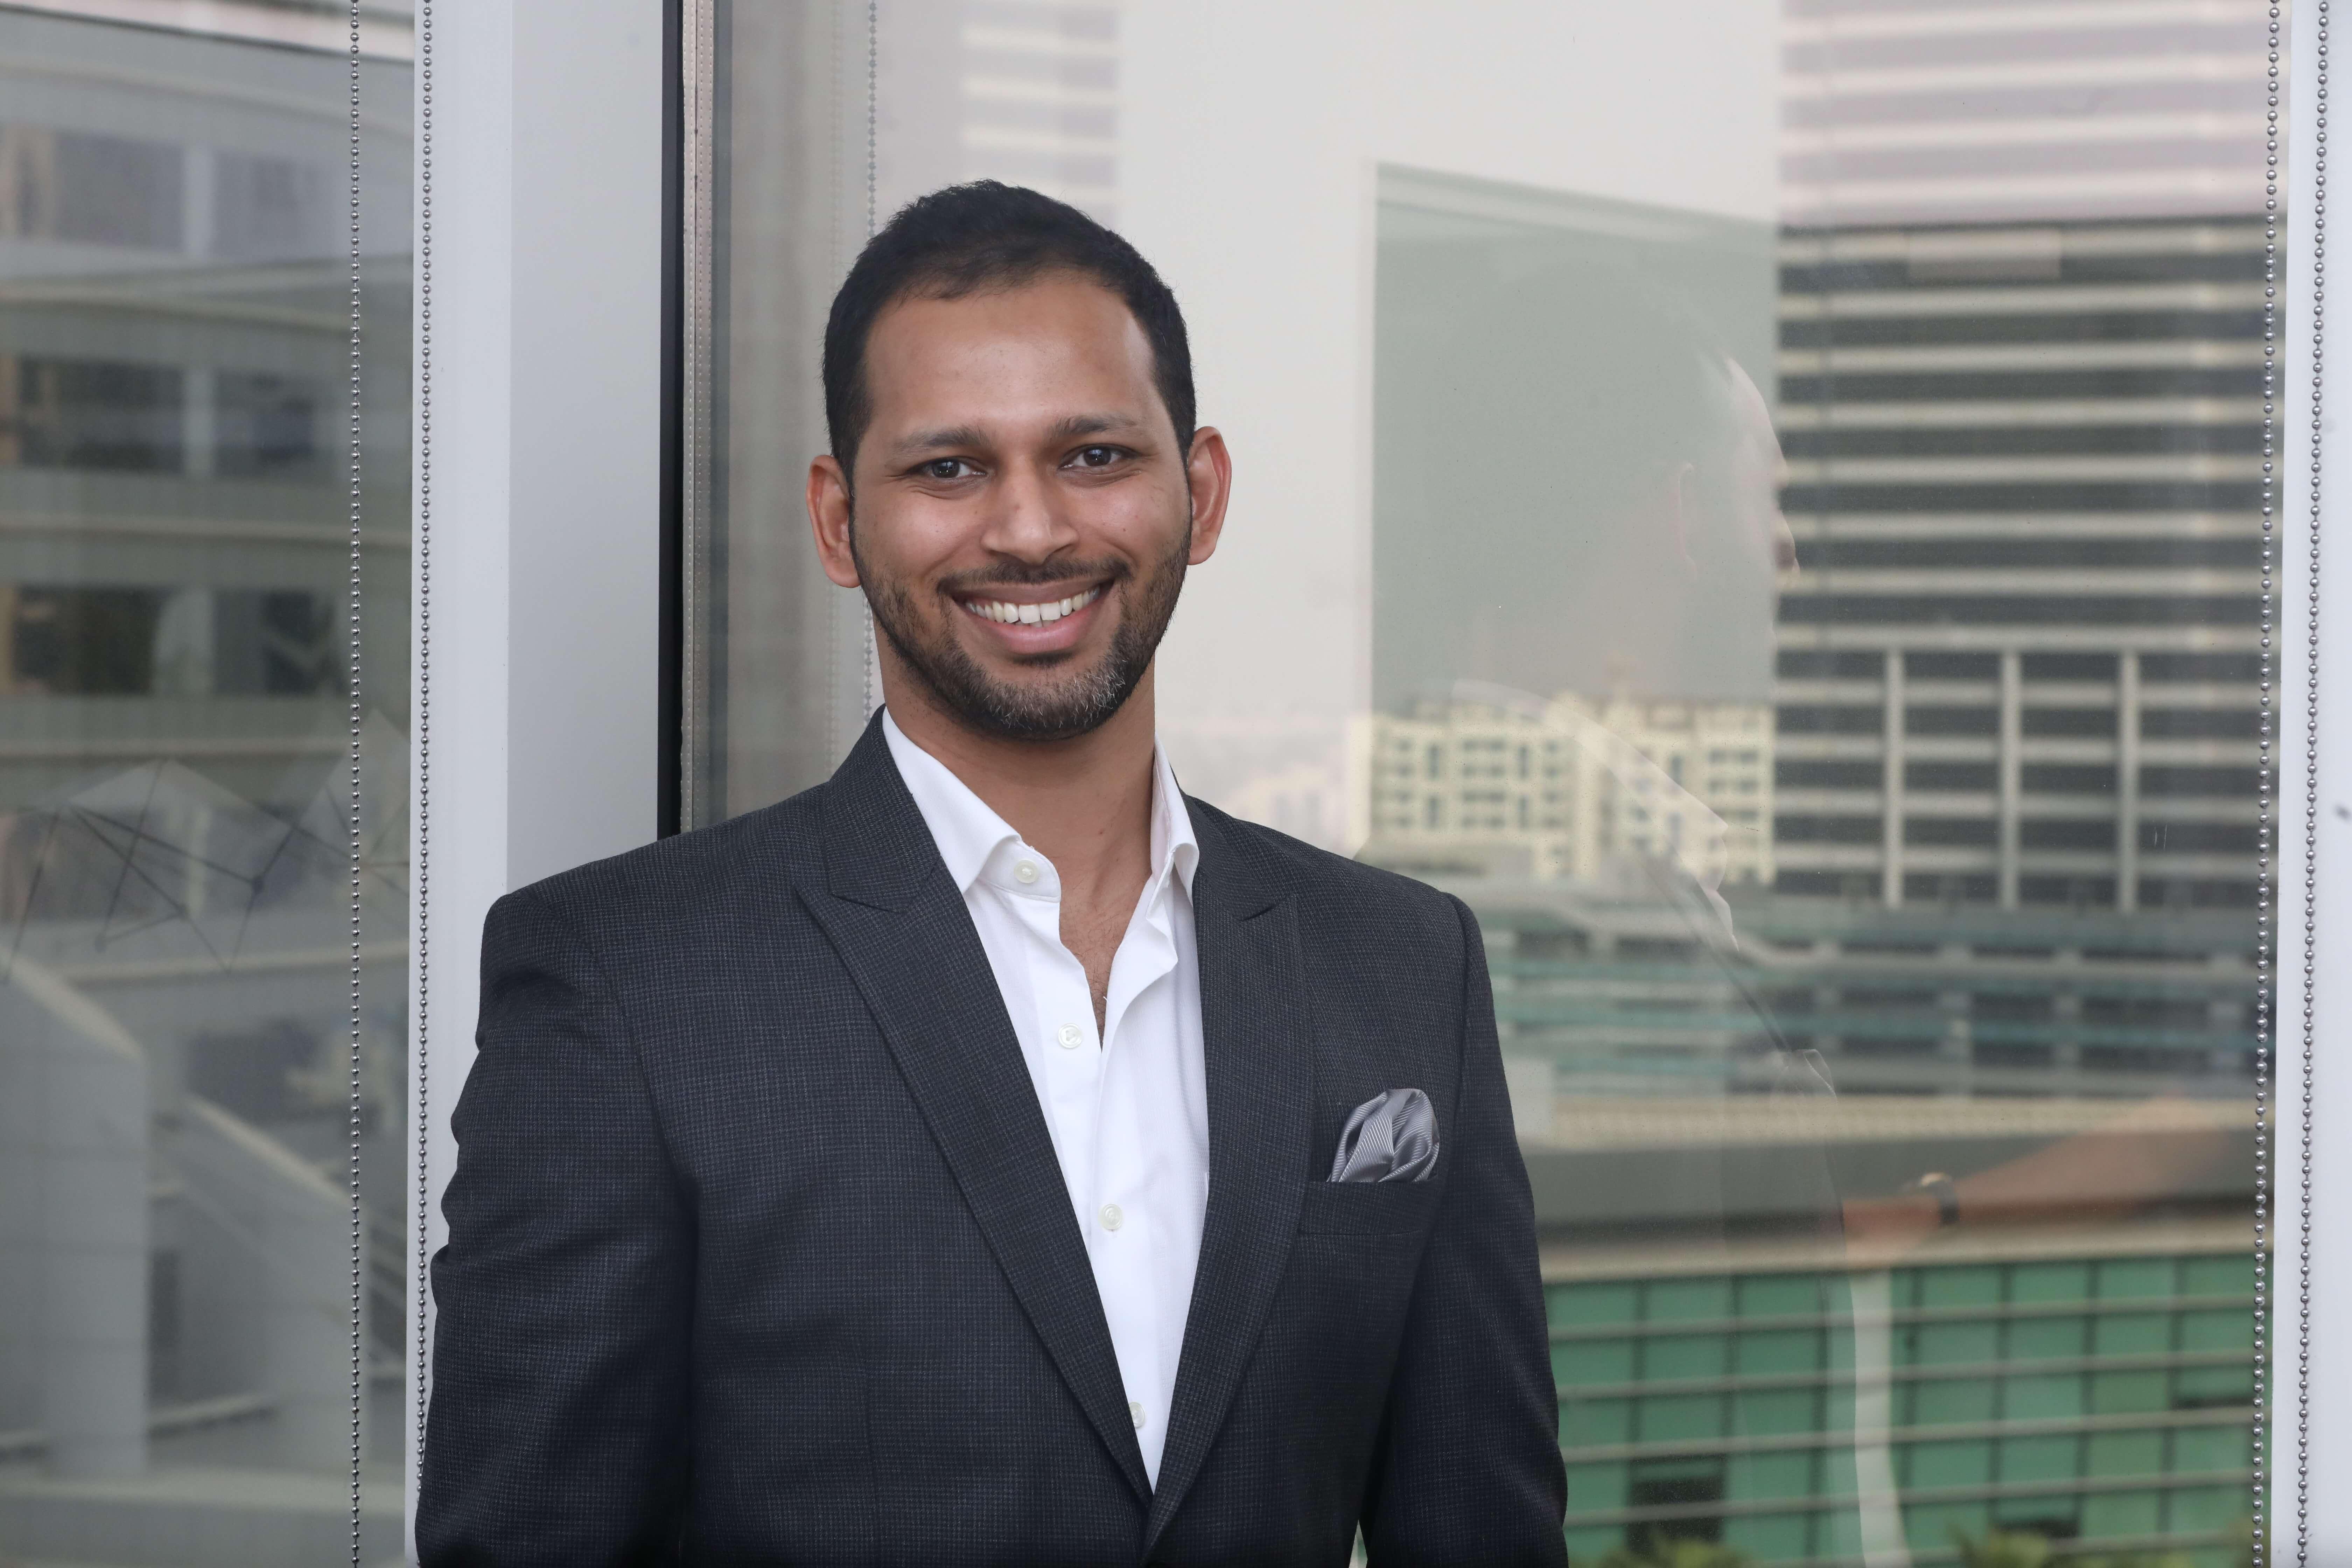 Takeleap managing director Salman Yusuf